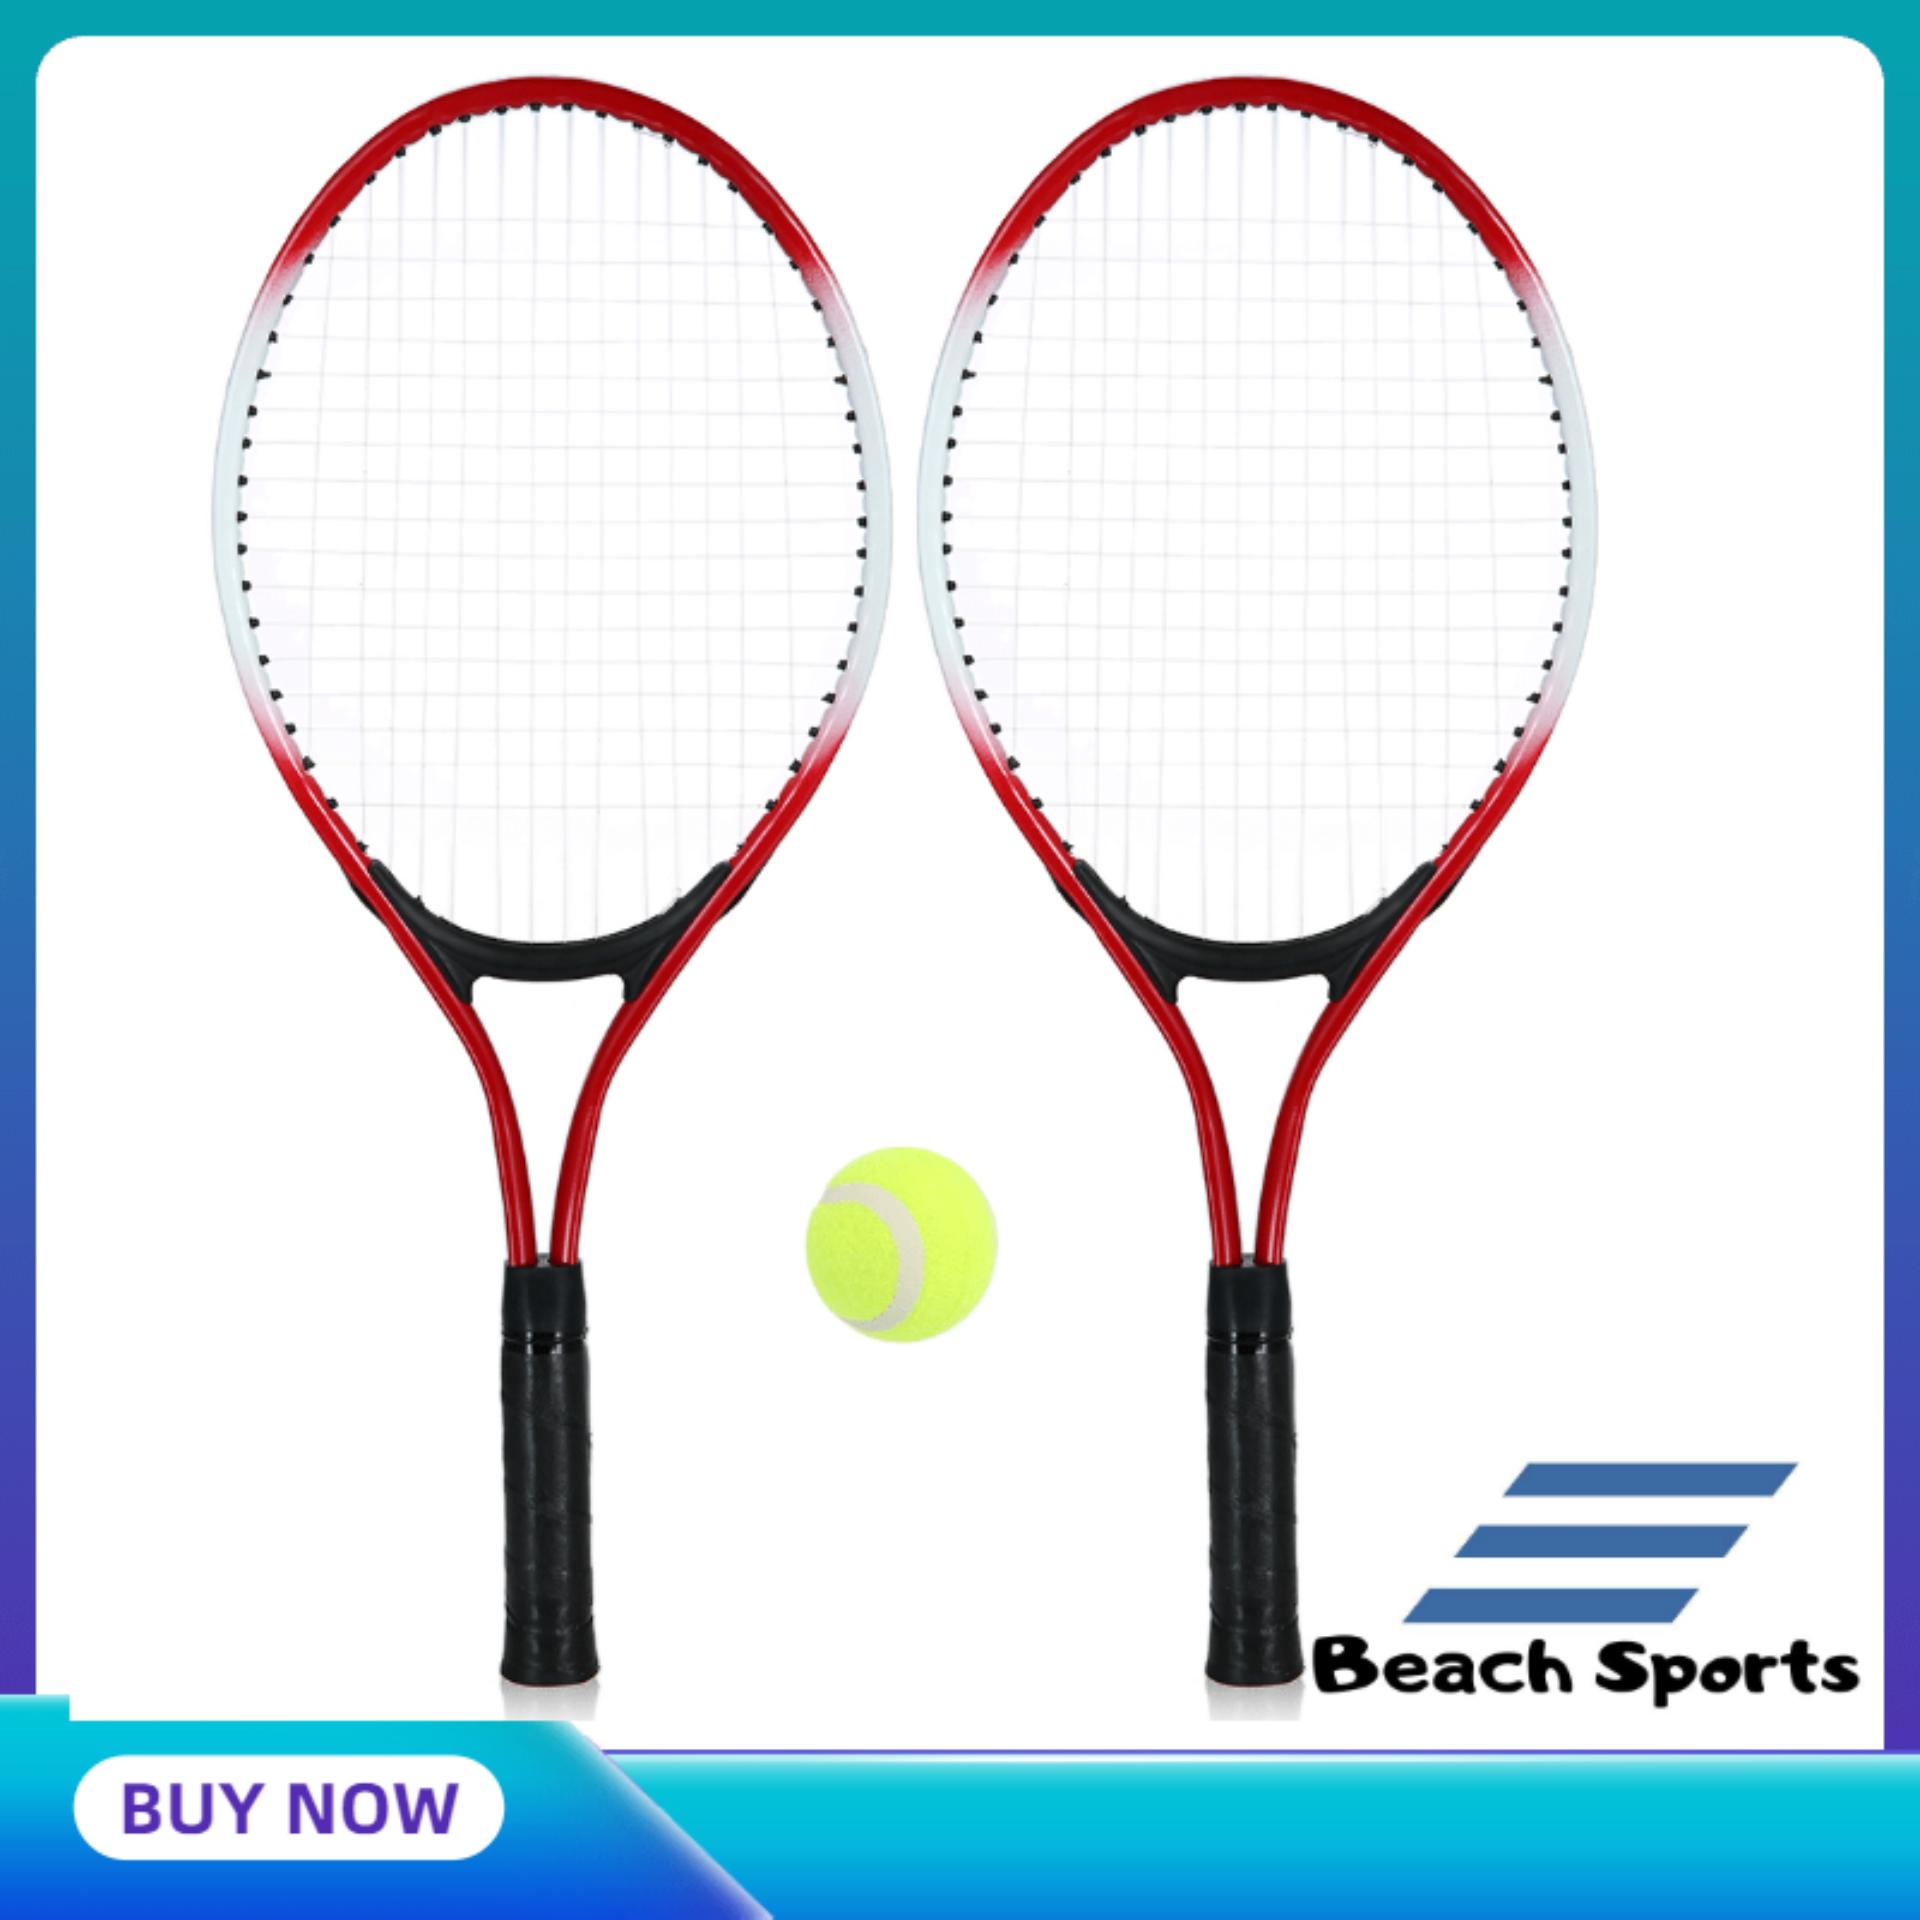 2 Chiếc Vợt Tennis Cho Trẻ Em Vợt Tennis Với 1 Quả Bóng Tennis Và Túi Bọc